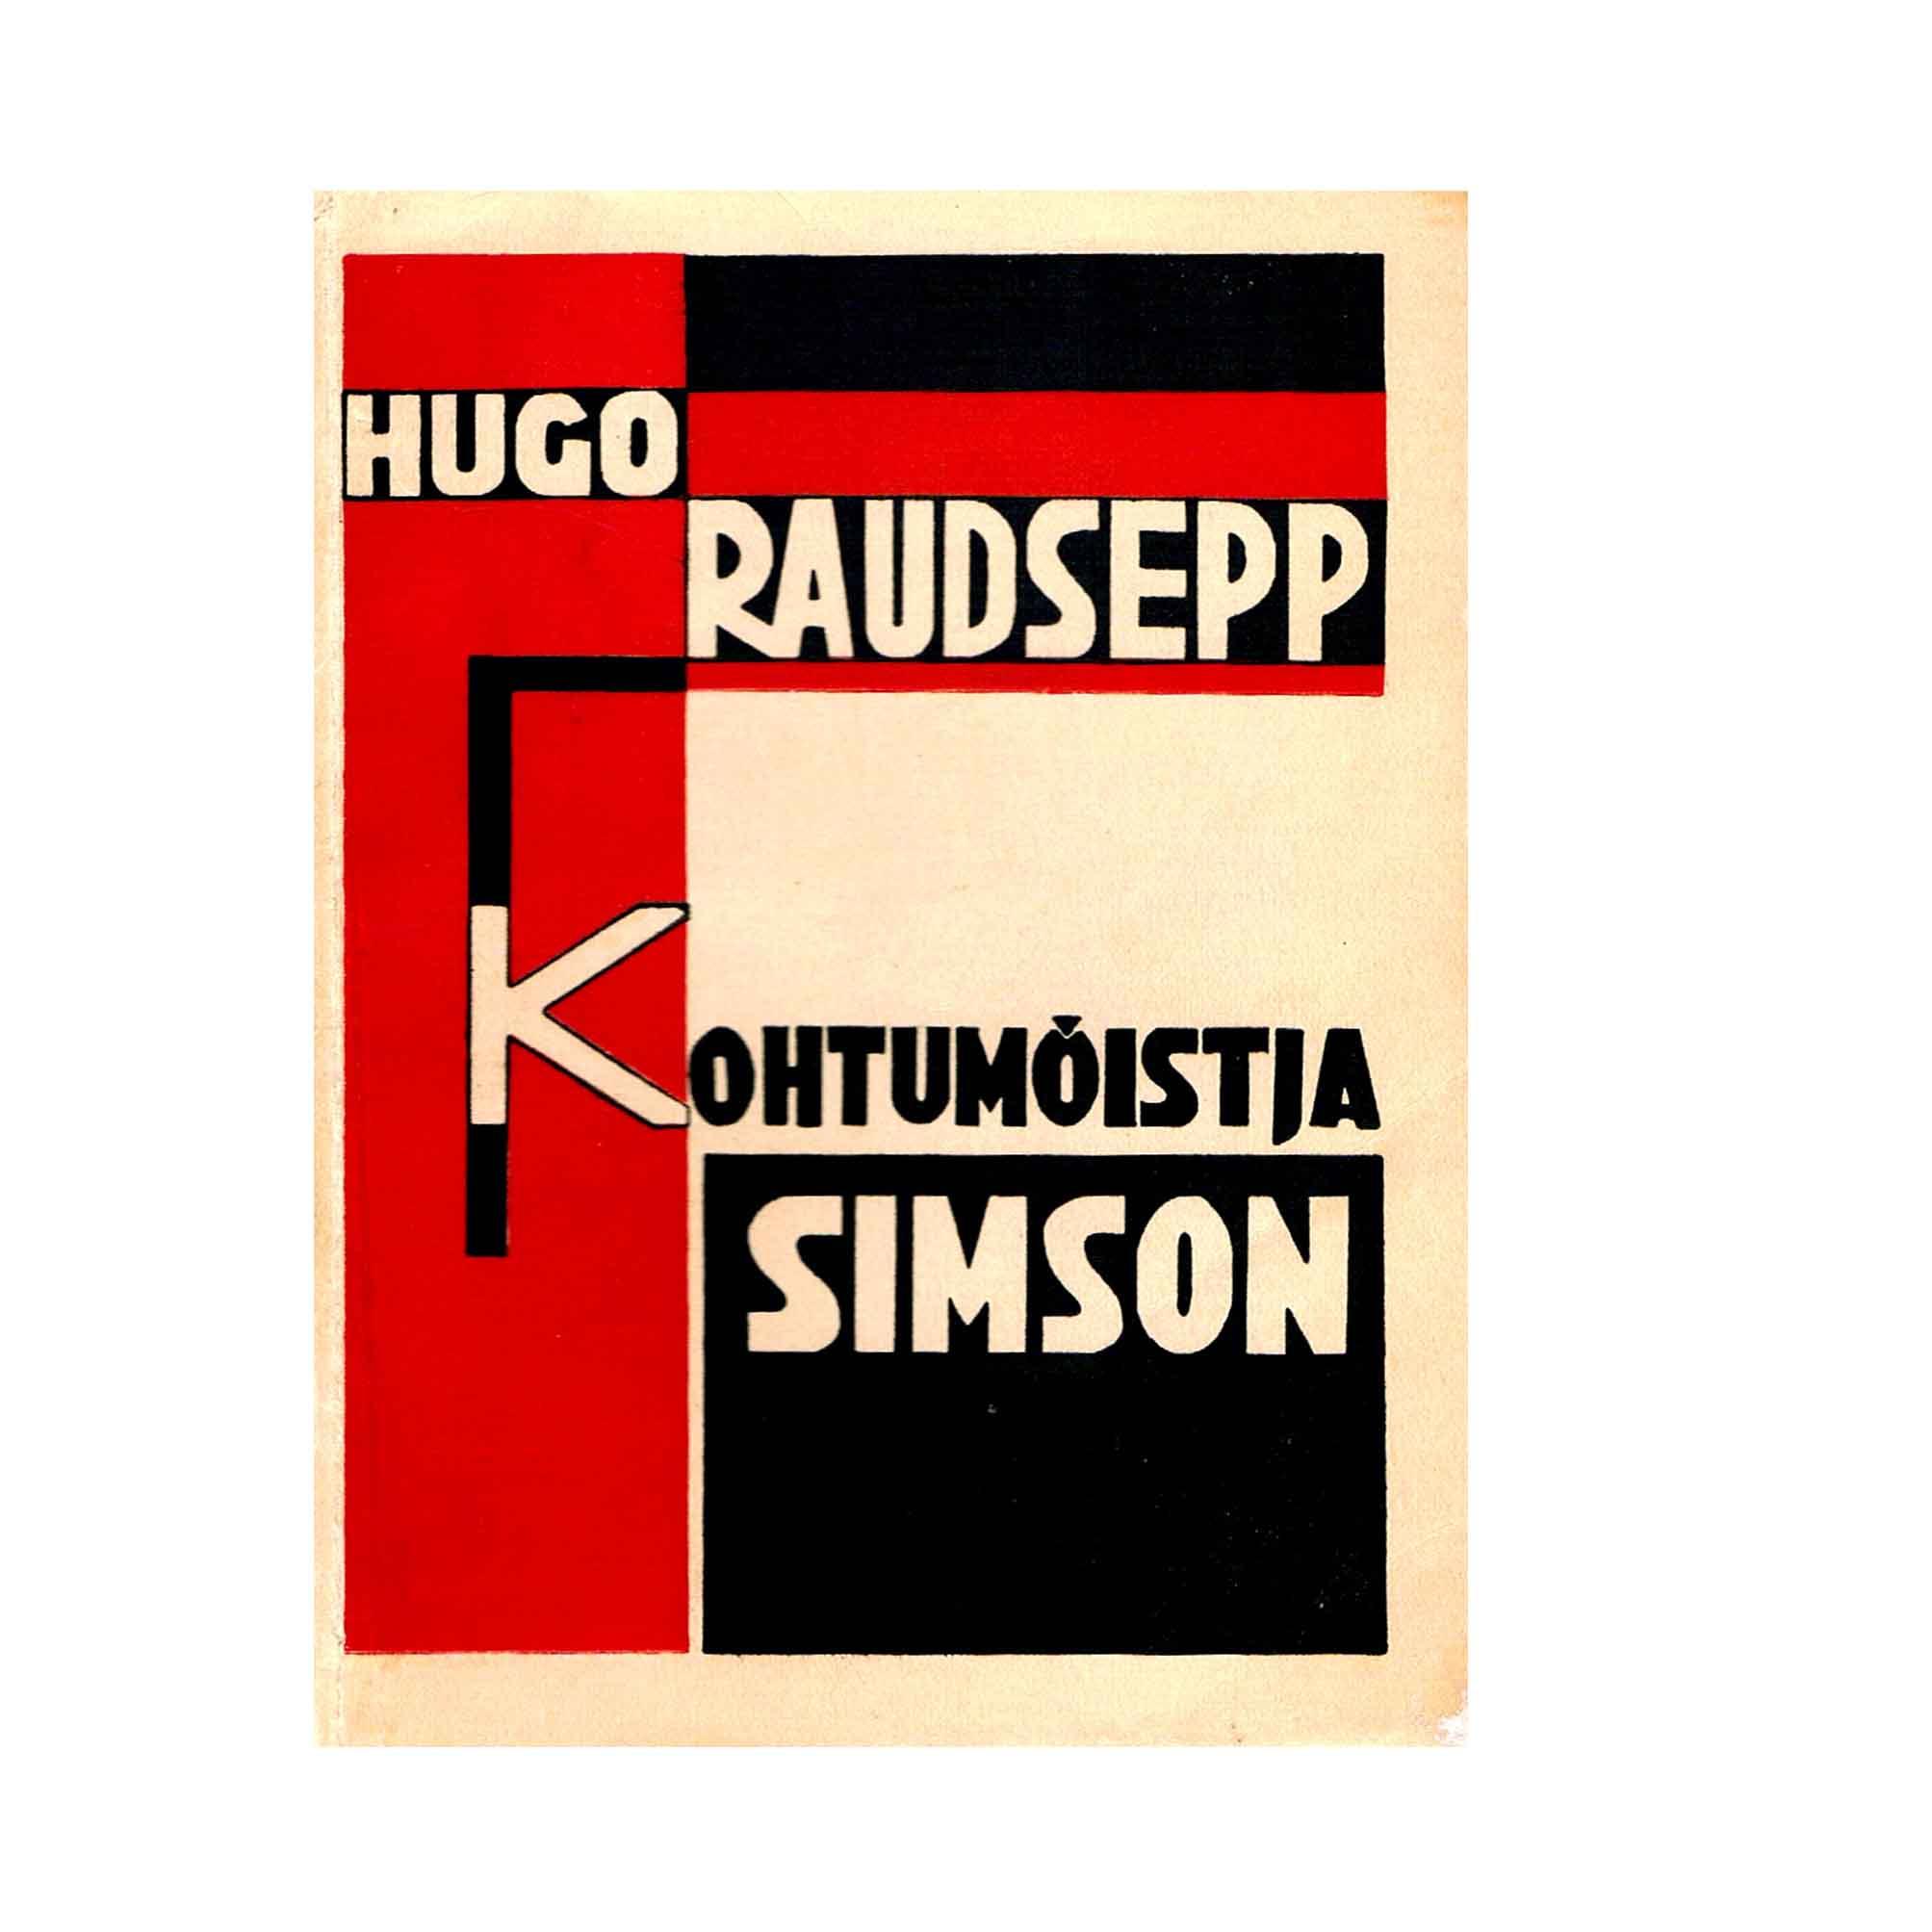 1250_Raudsepp_Laarman_Simson_1927_R_15-N.jpg